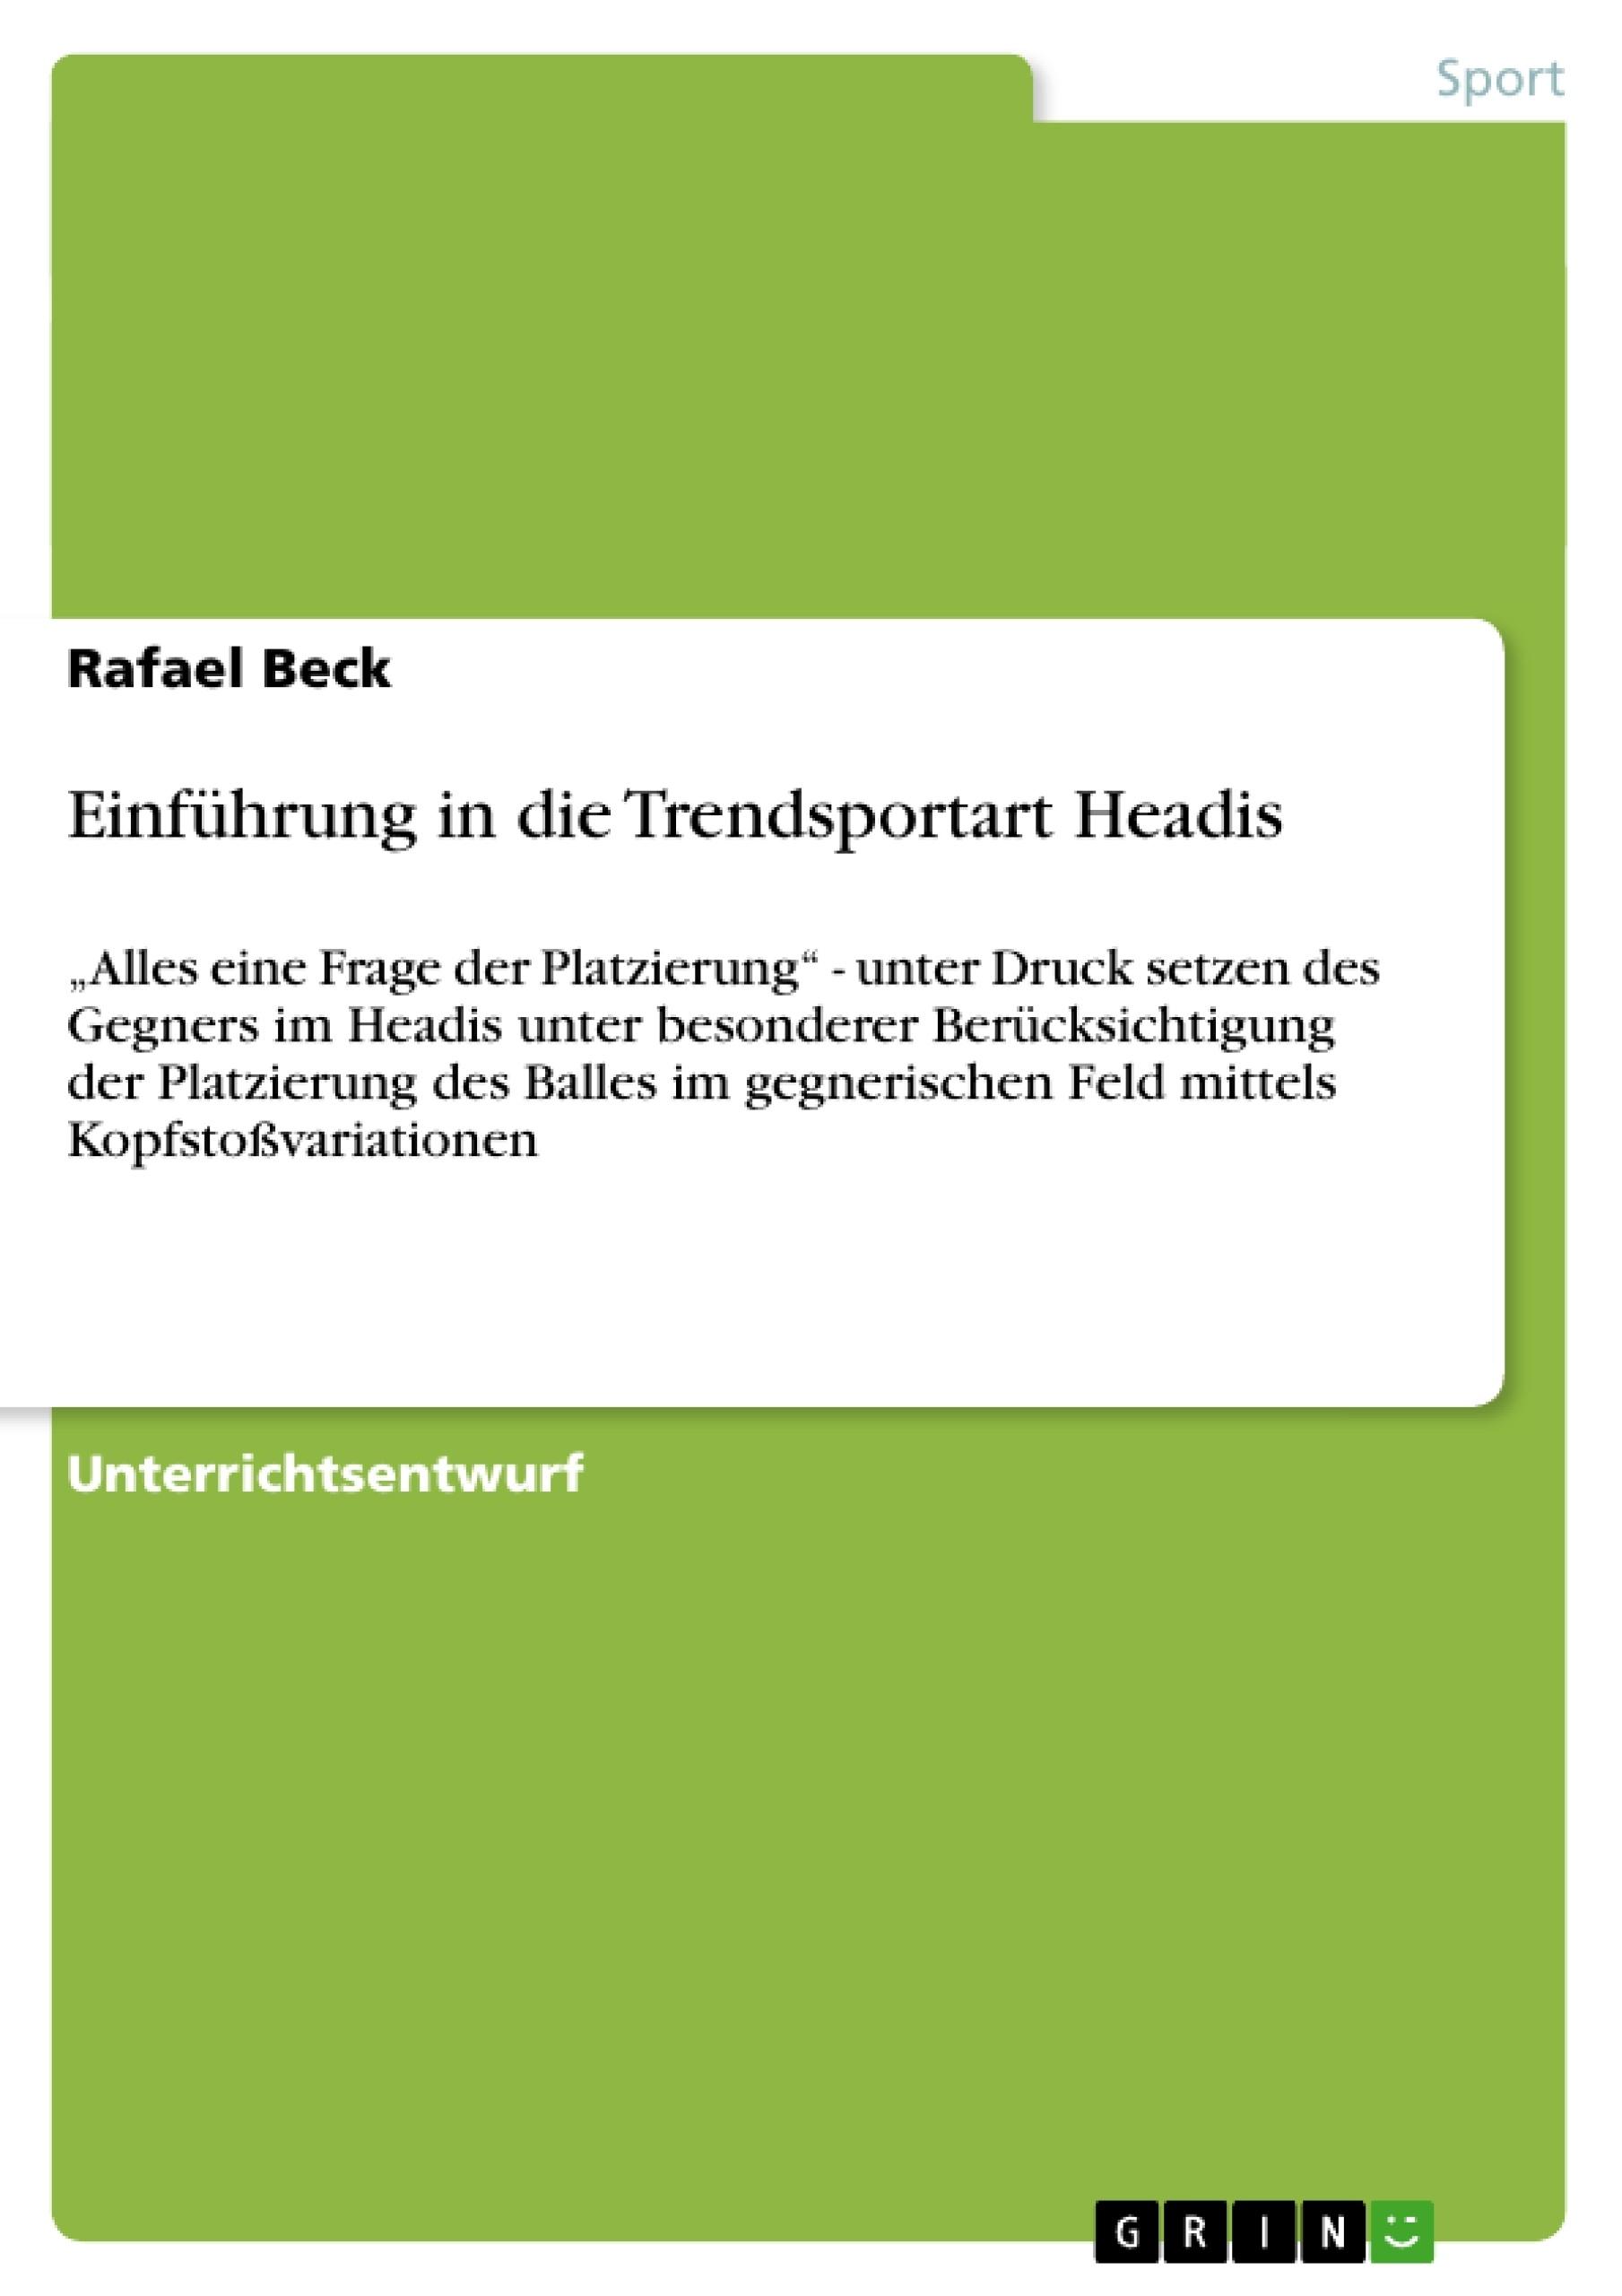 Titel: Einführung in die Trendsportart Headis